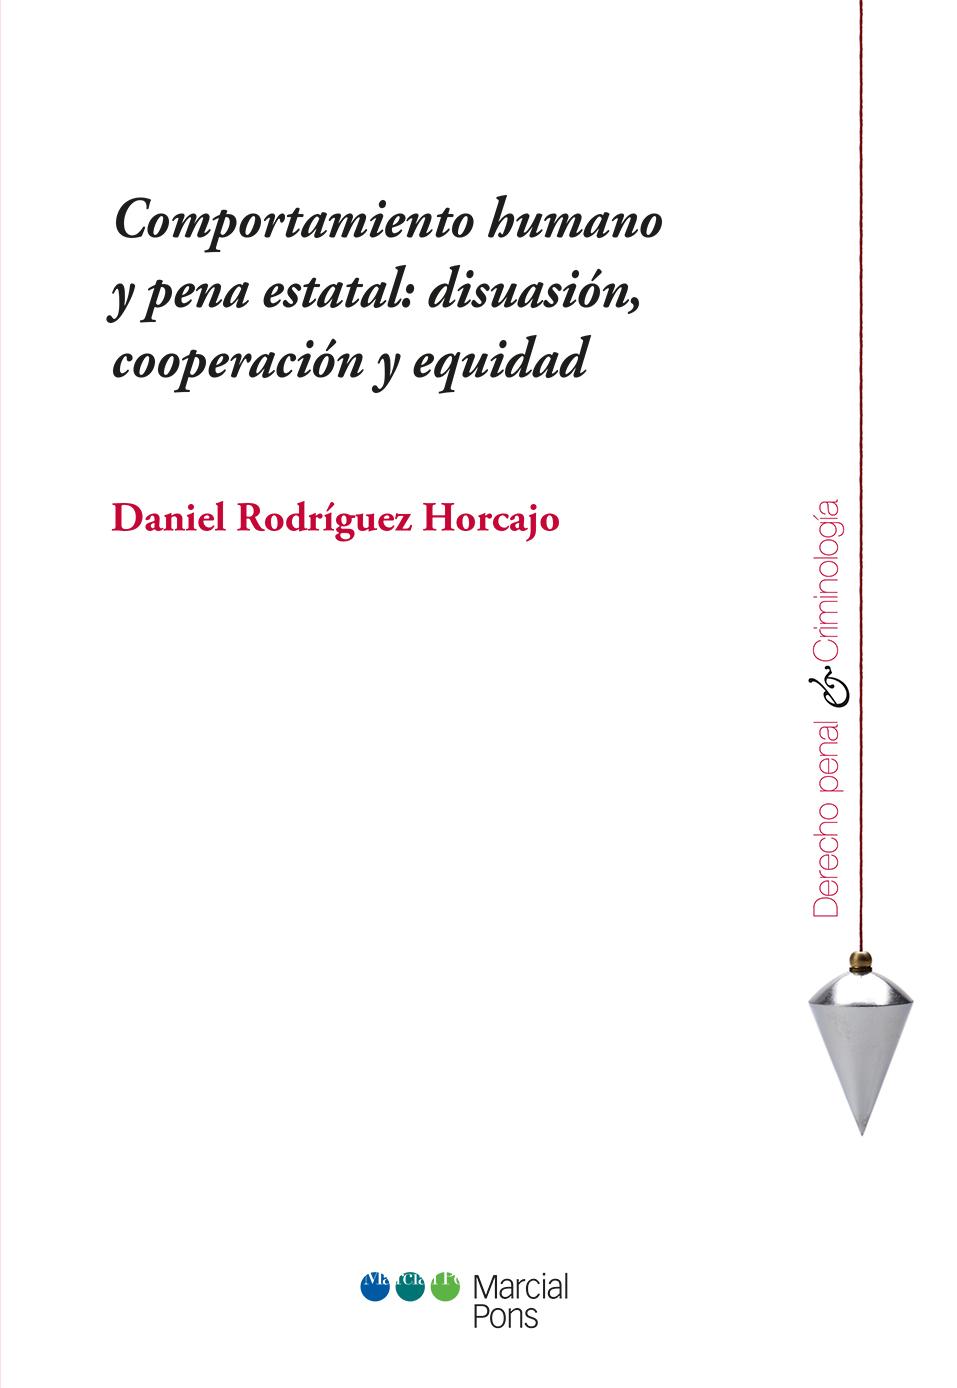 Portada del libro Comportamiento humano y pena estatal: disuasión, cooperación y equidad